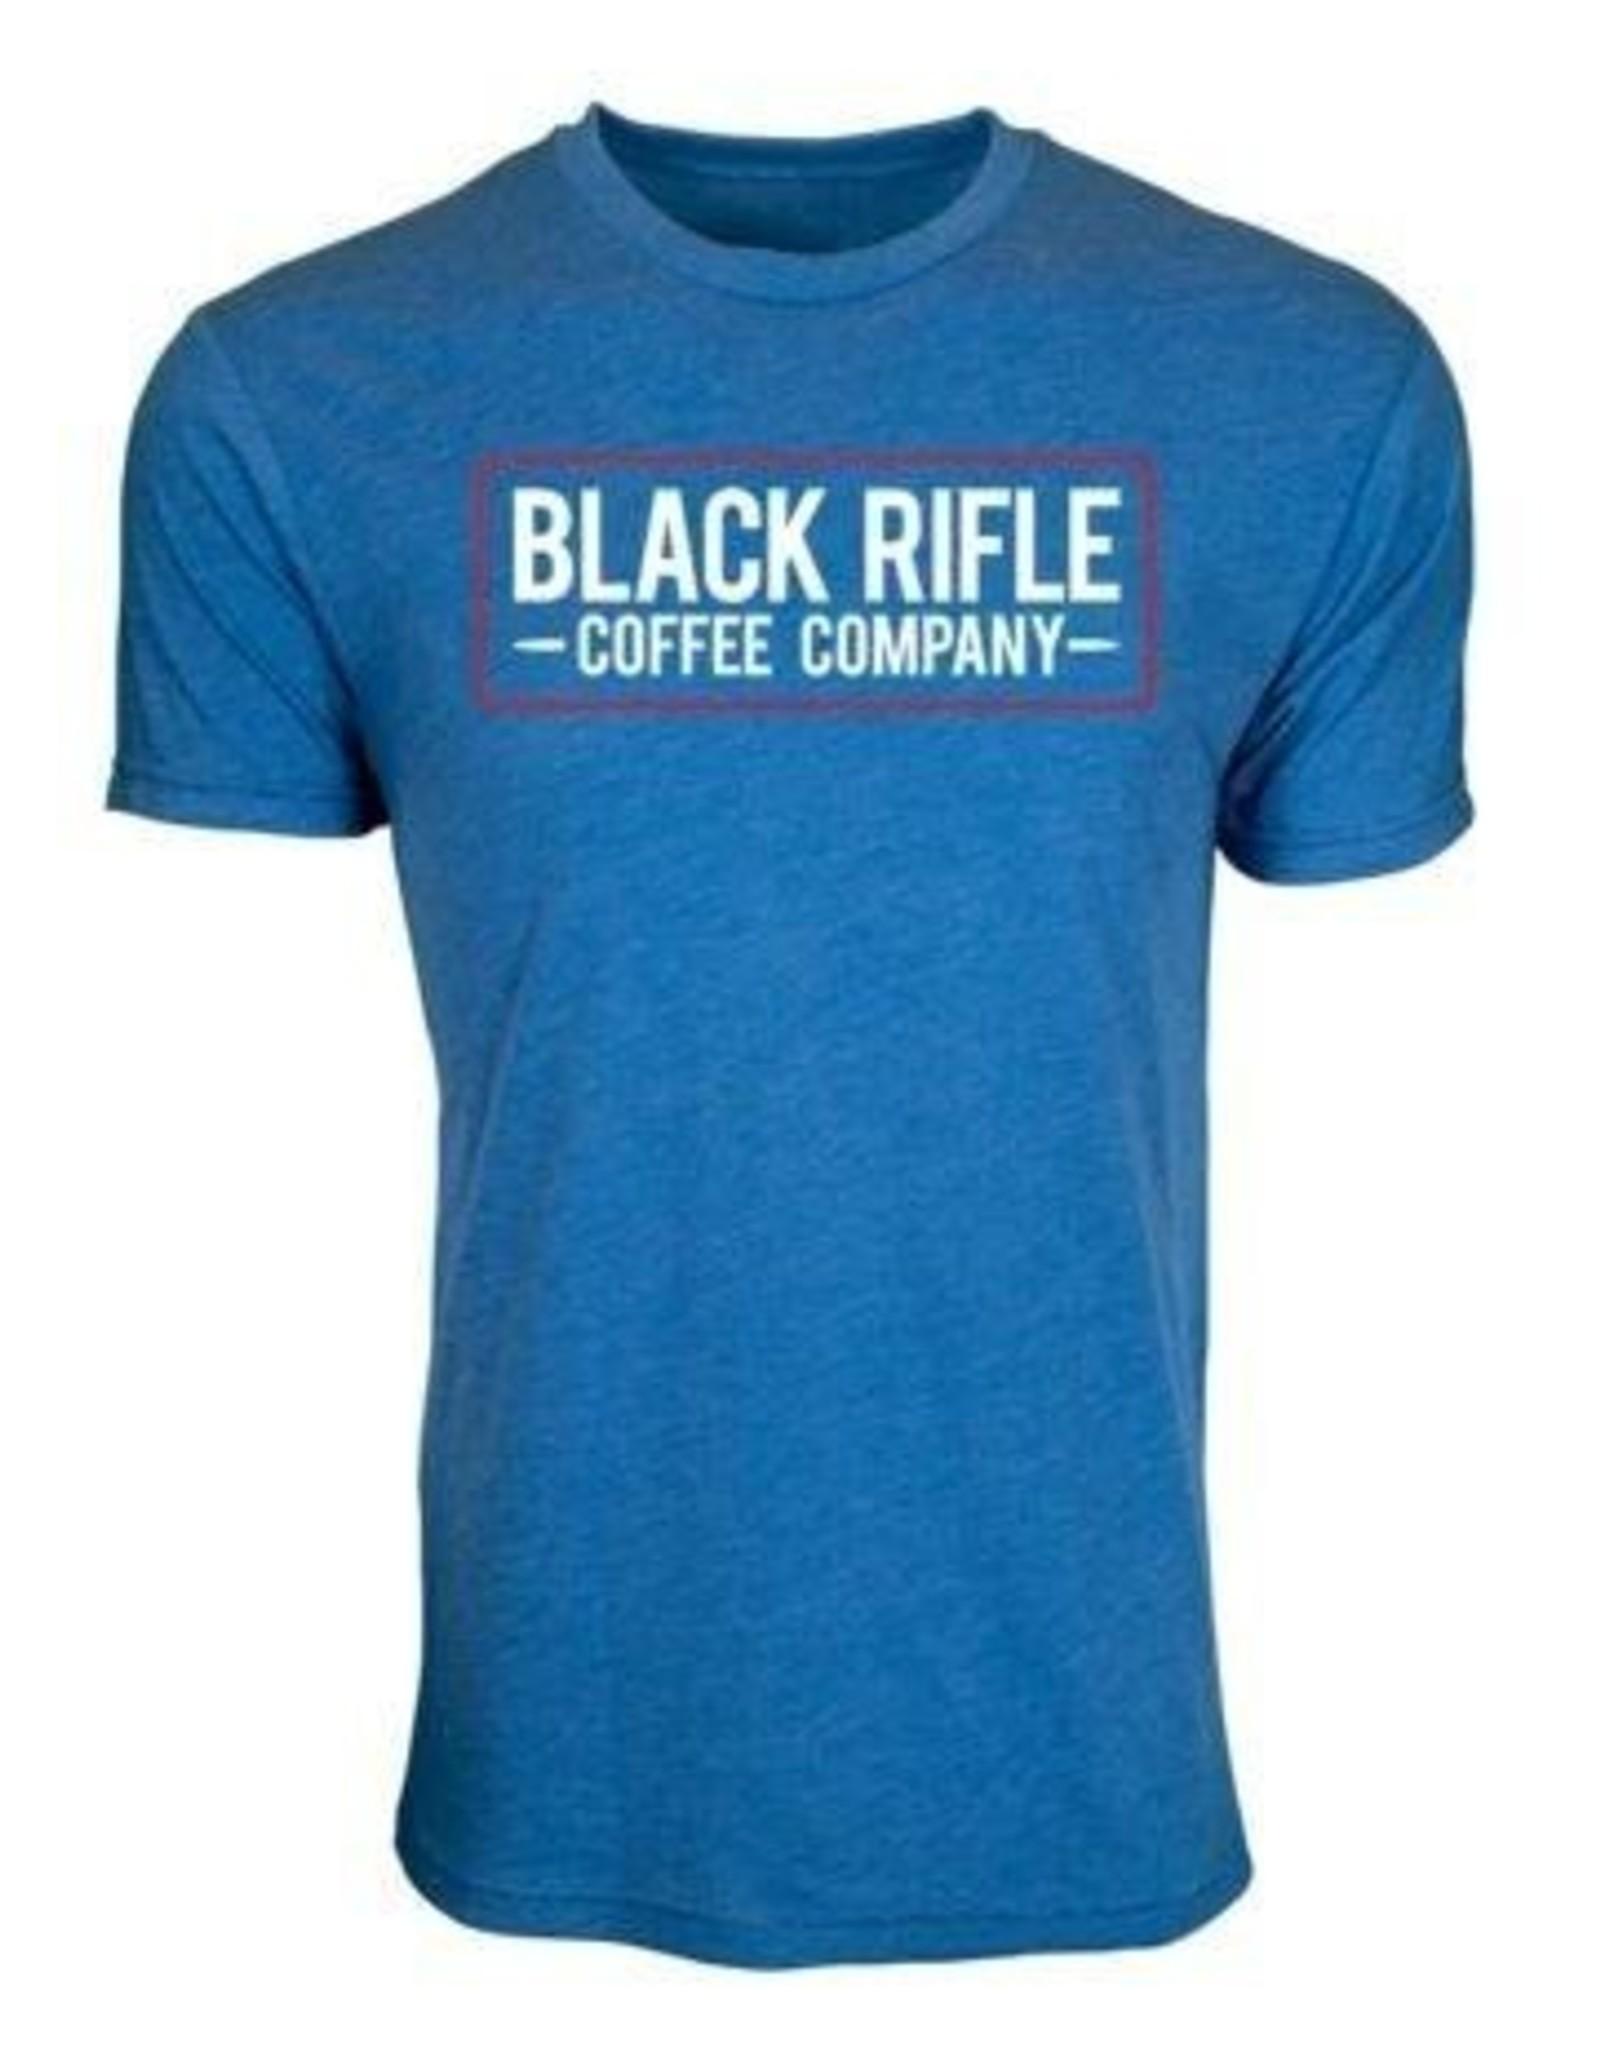 BRCC - Vintage Royal Blue Logo Shirt - Men - XL